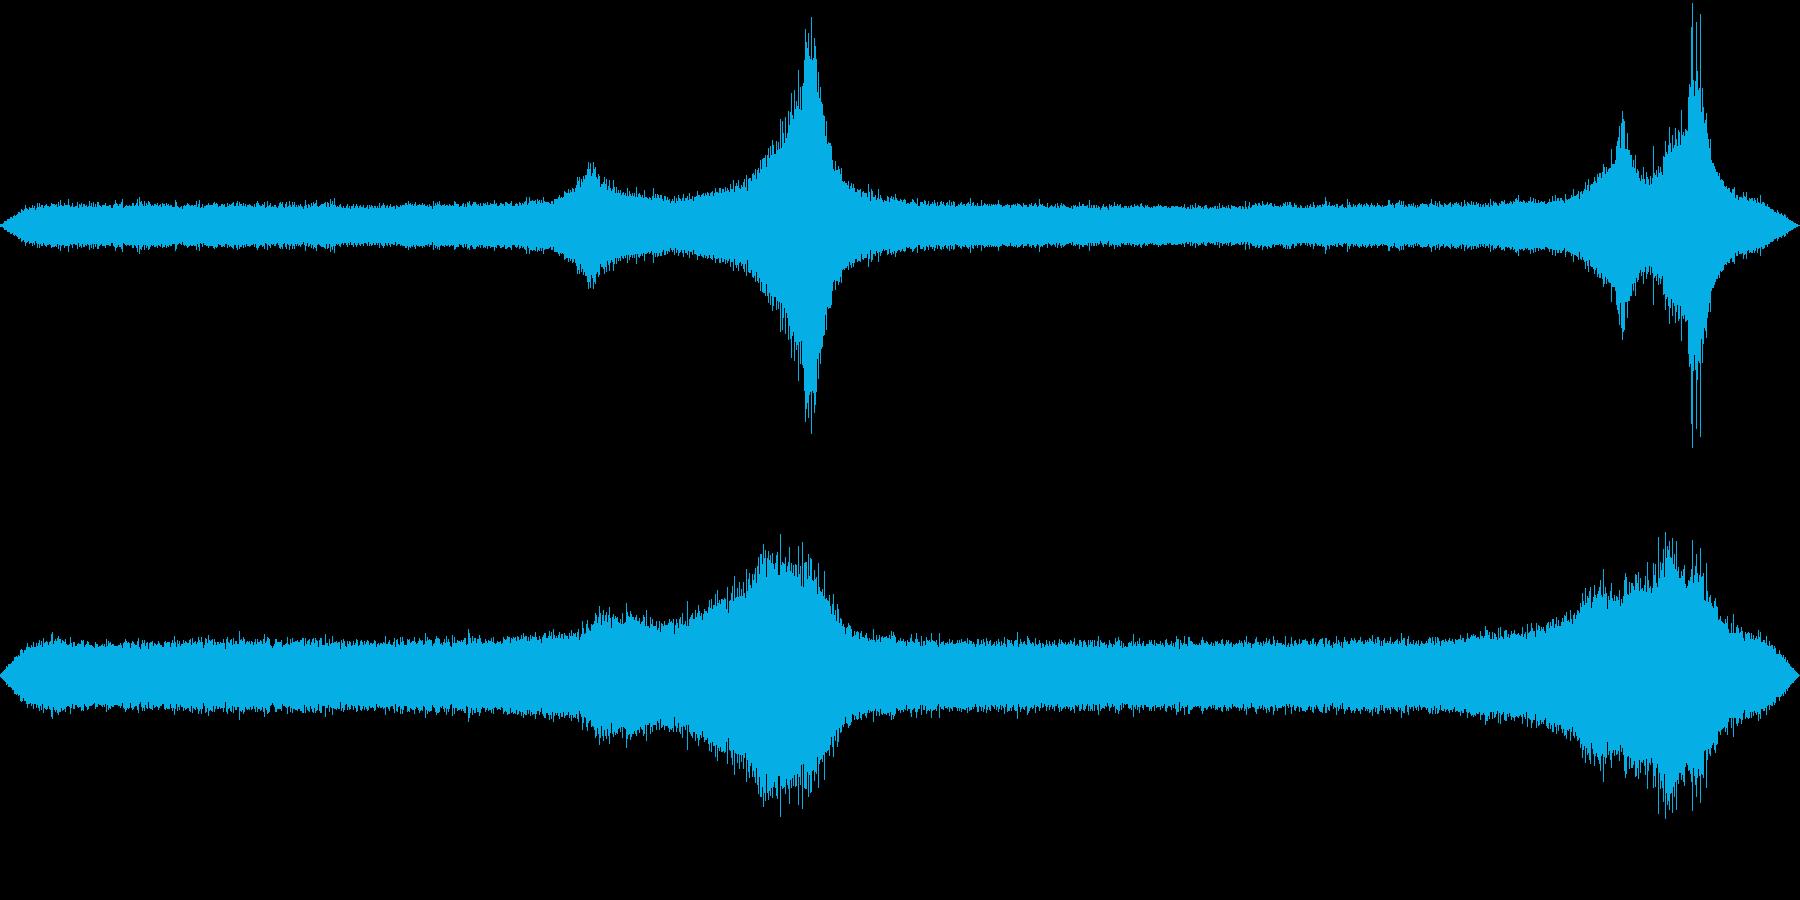 【生録音】初夏の夜の環境音 虫の声 2の再生済みの波形